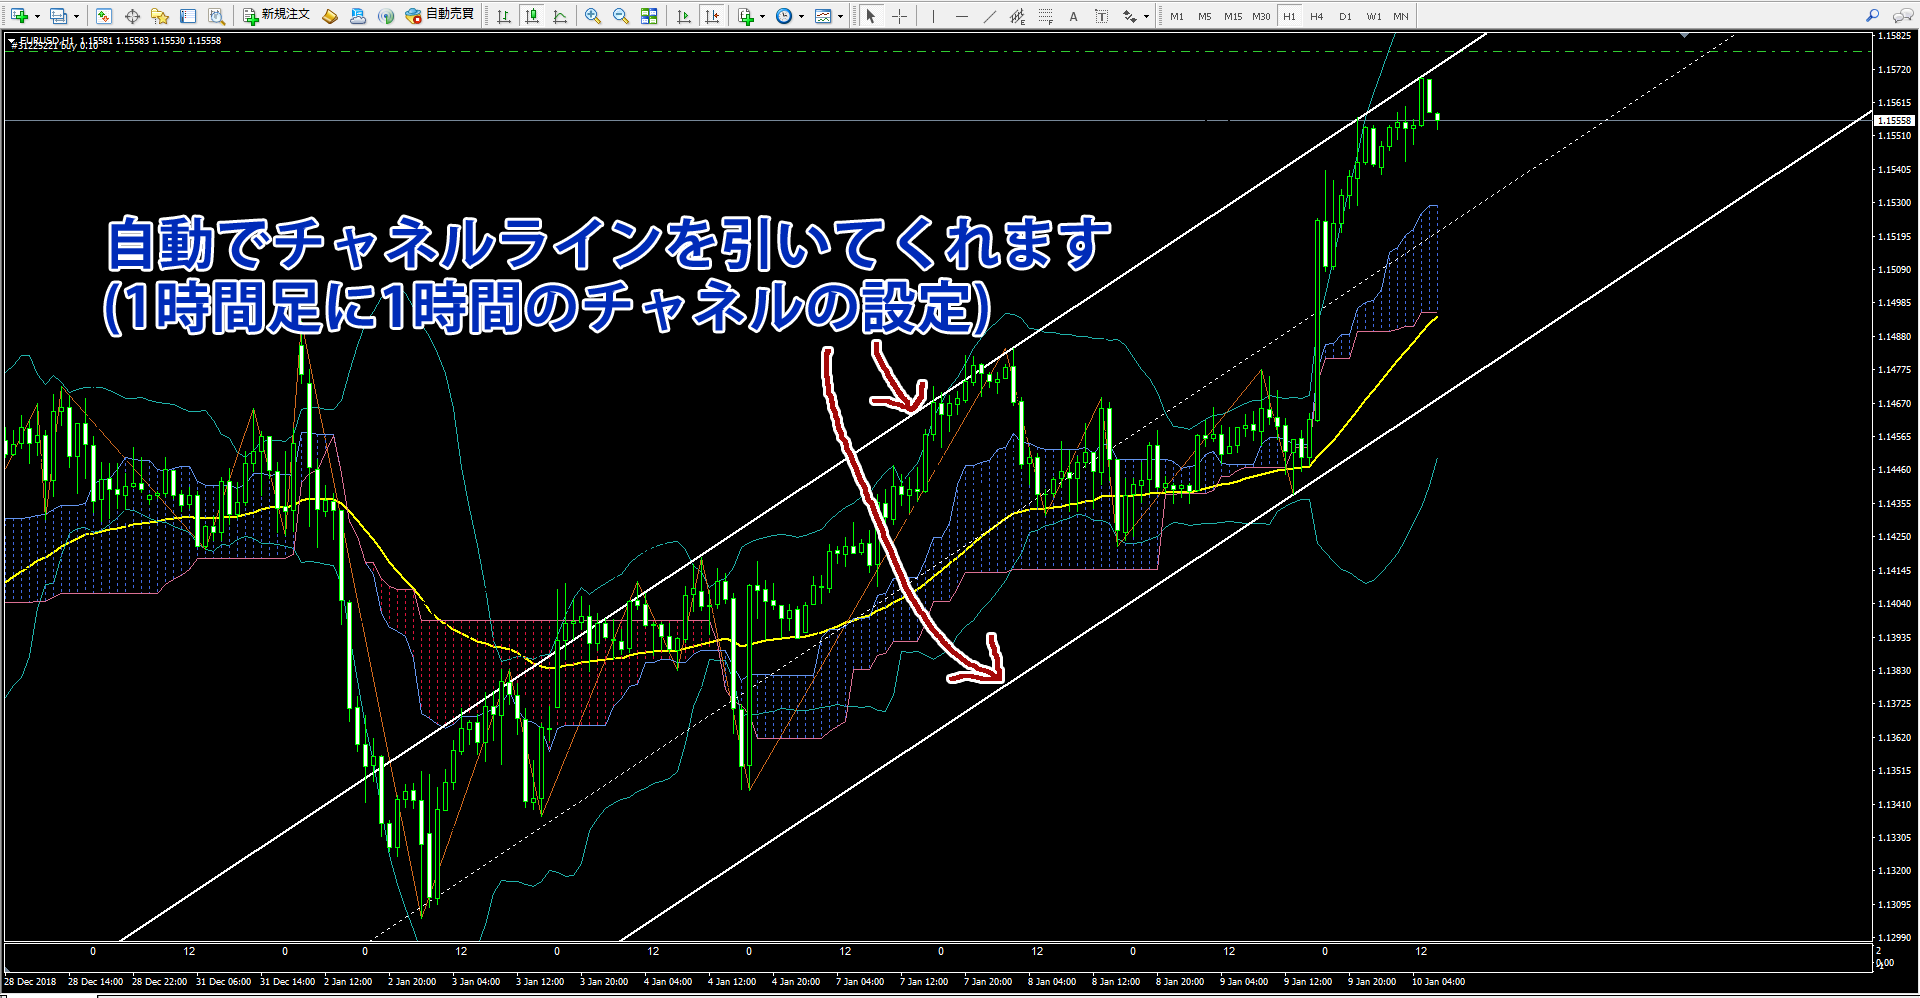 1時間足チャートに!_MTF_shi_channel_1でチャネルラインを描画した画像